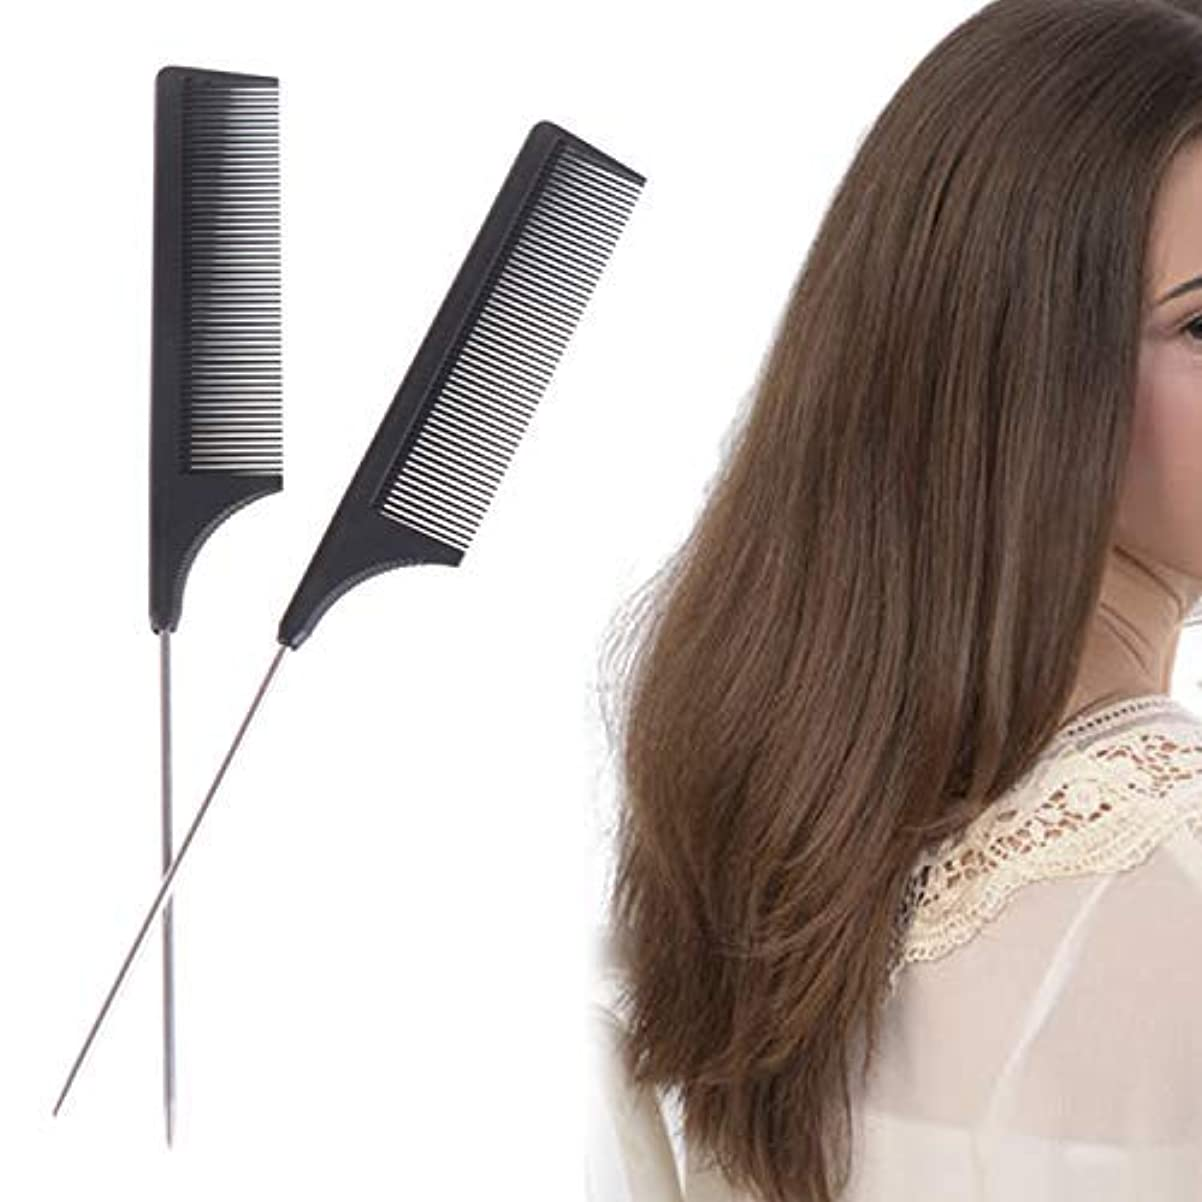 主流脇に絶滅した2 Pieces Comb Black Tail Styling Comb Chemical Heat Resistant Teasing Comb Carbon Fiber Hair Styling Combs for...